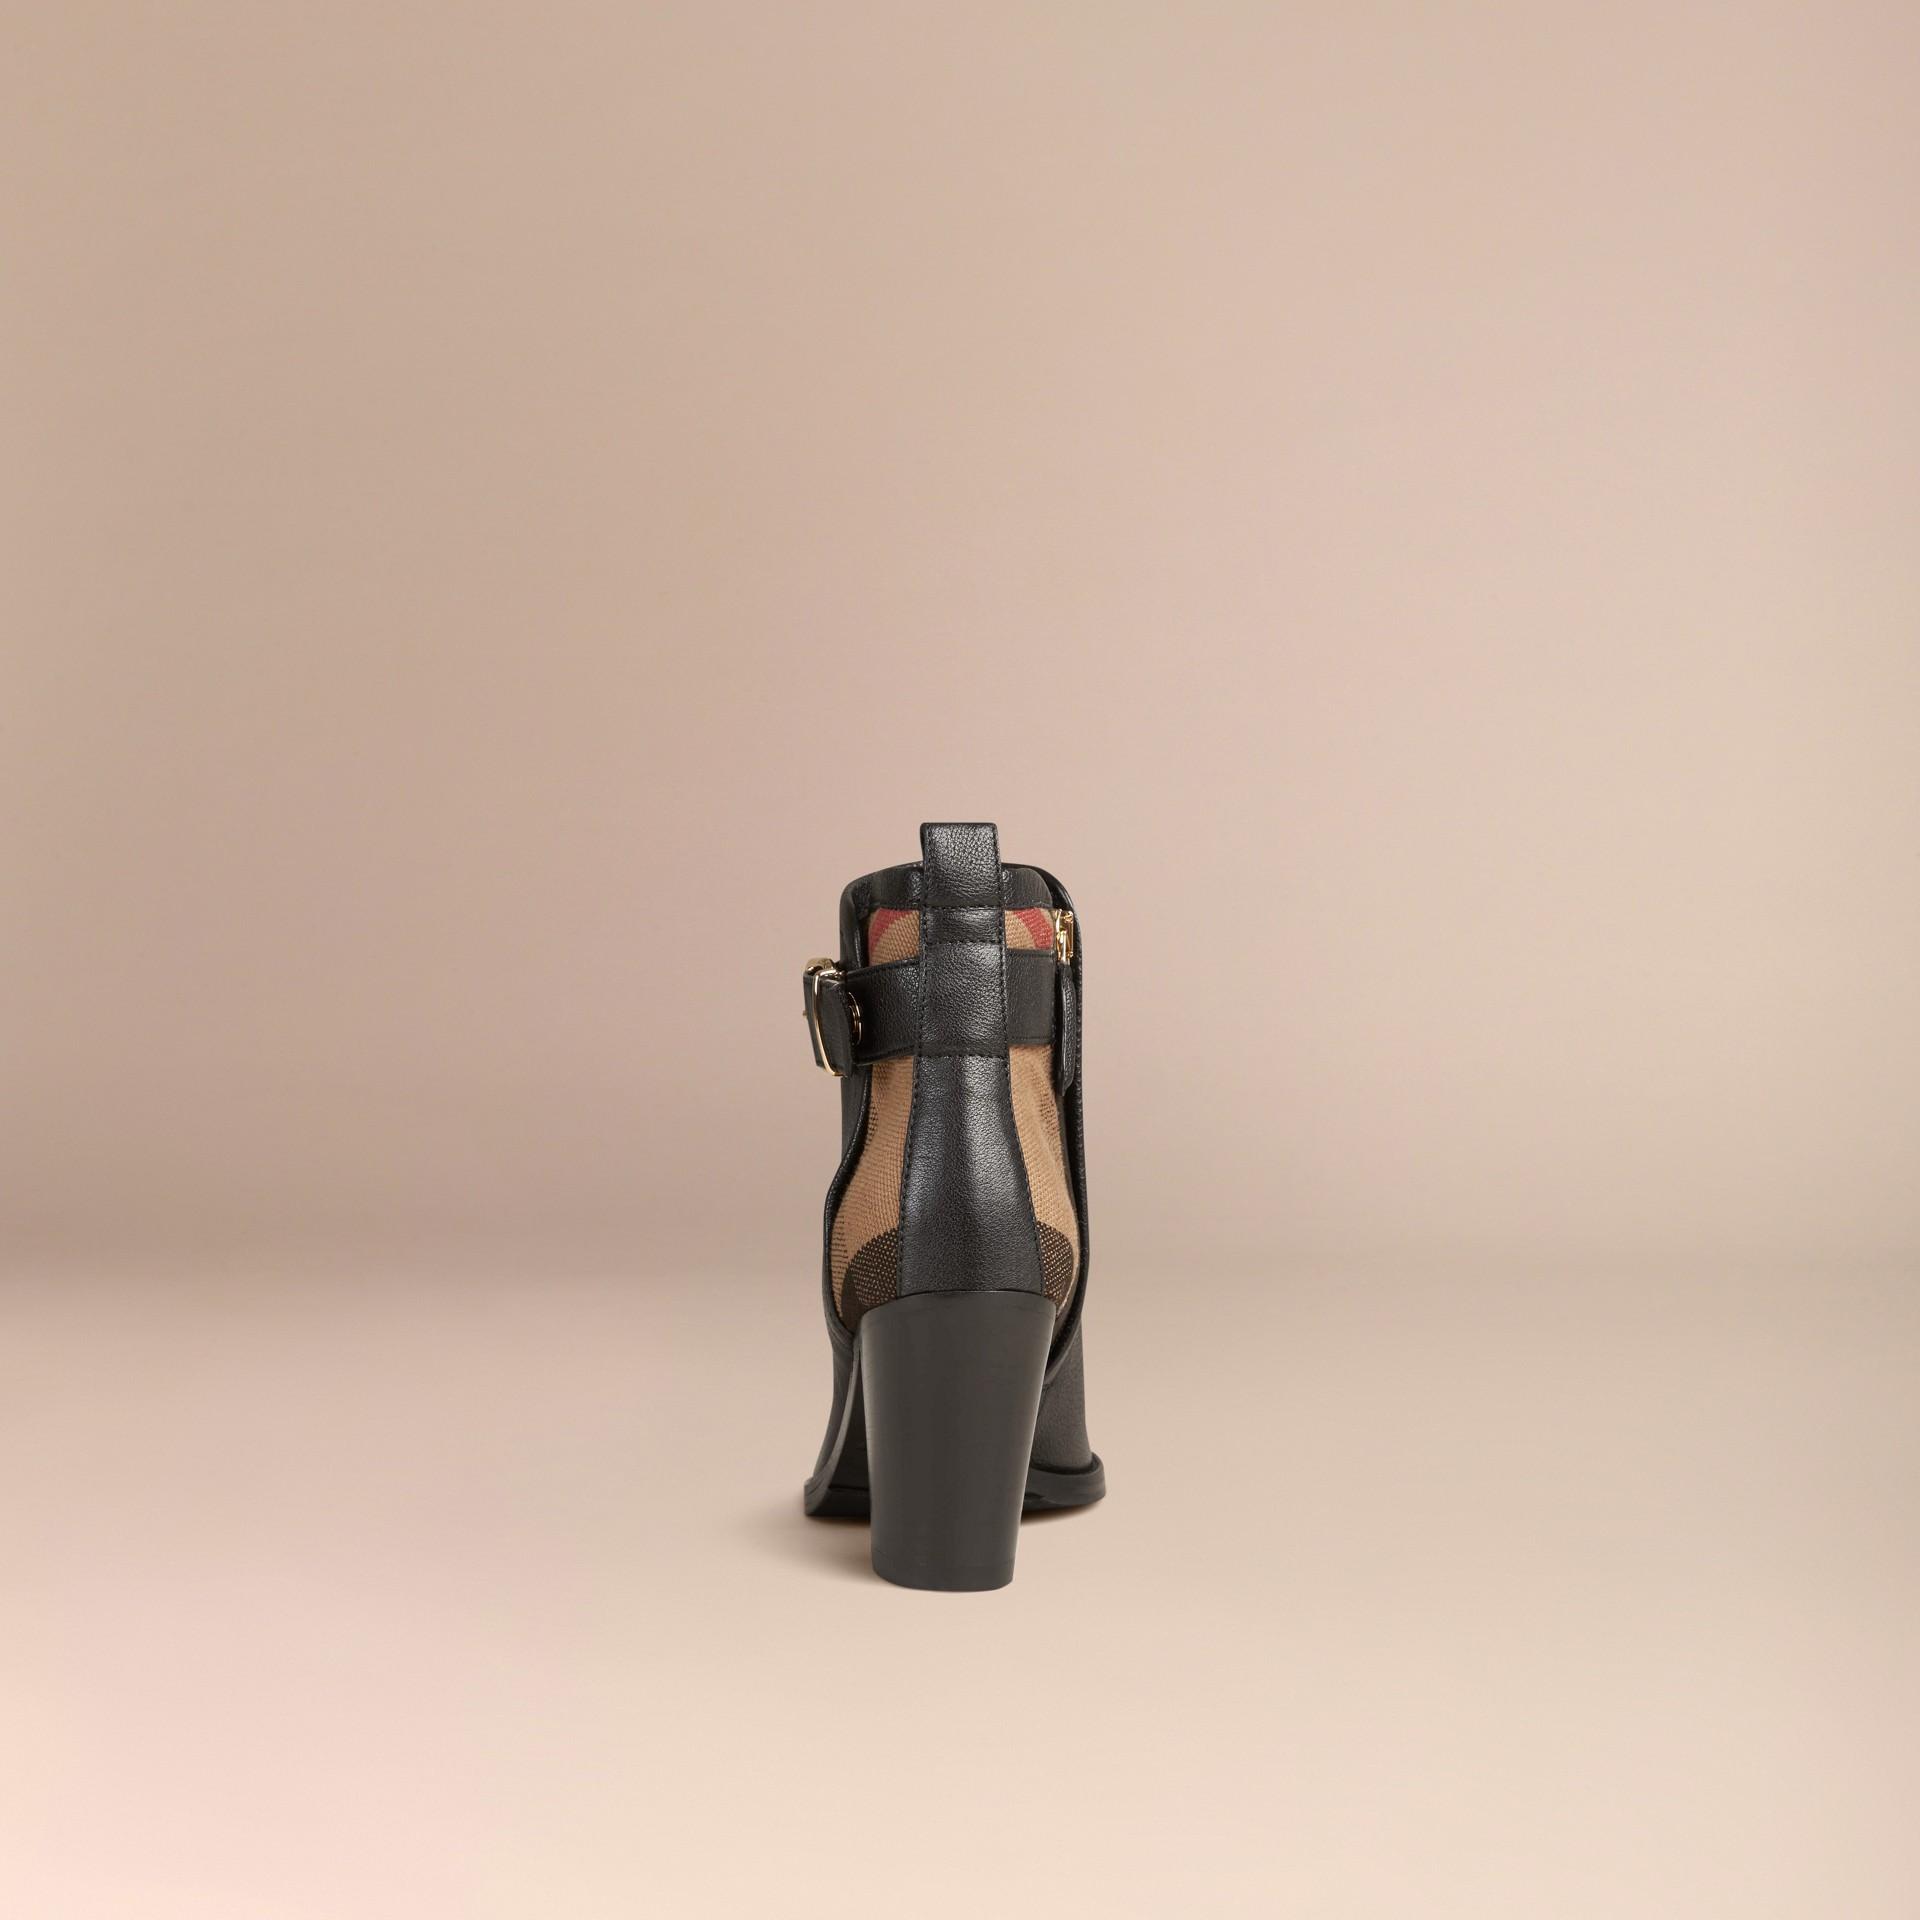 Preto Botas de cano curto de couro com padrão xadrez - galeria de imagens 4